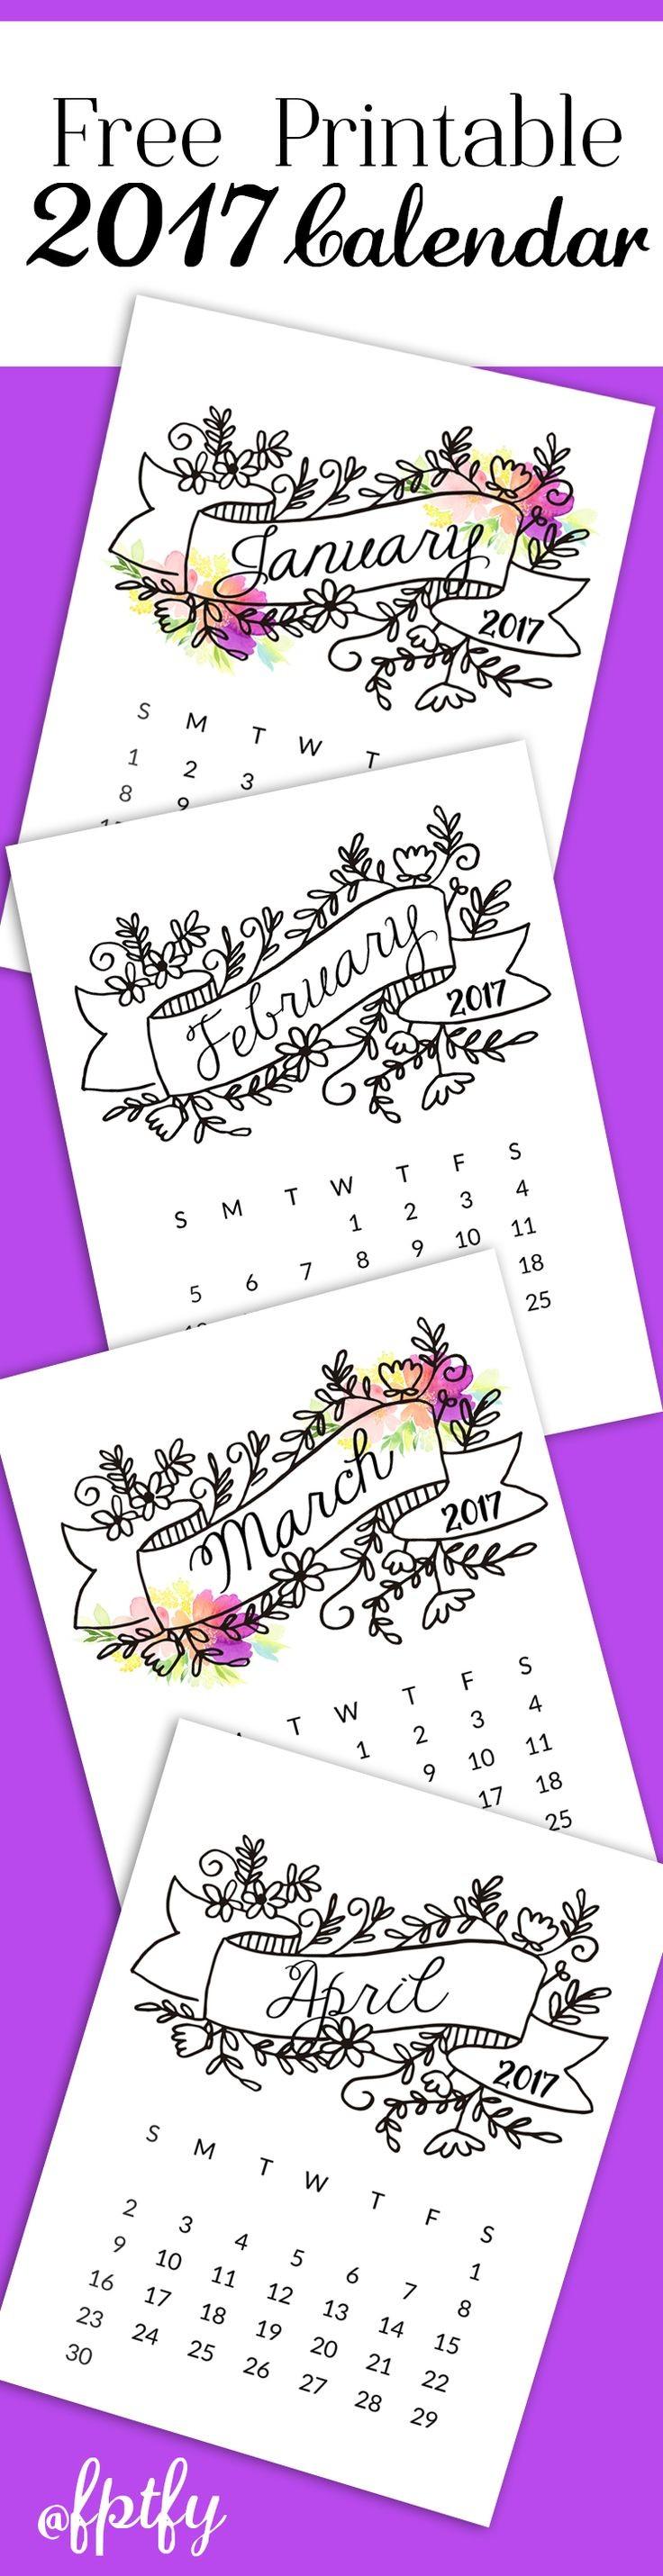 Calendario 2016 En Chile Para Imprimir Recientes 139 Best Escuelachic ♂ Images On Pinterest Of Calendario 2016 En Chile Para Imprimir Más Arriba-a-fecha Blank Year Calendar Blank Calendar Pinterest